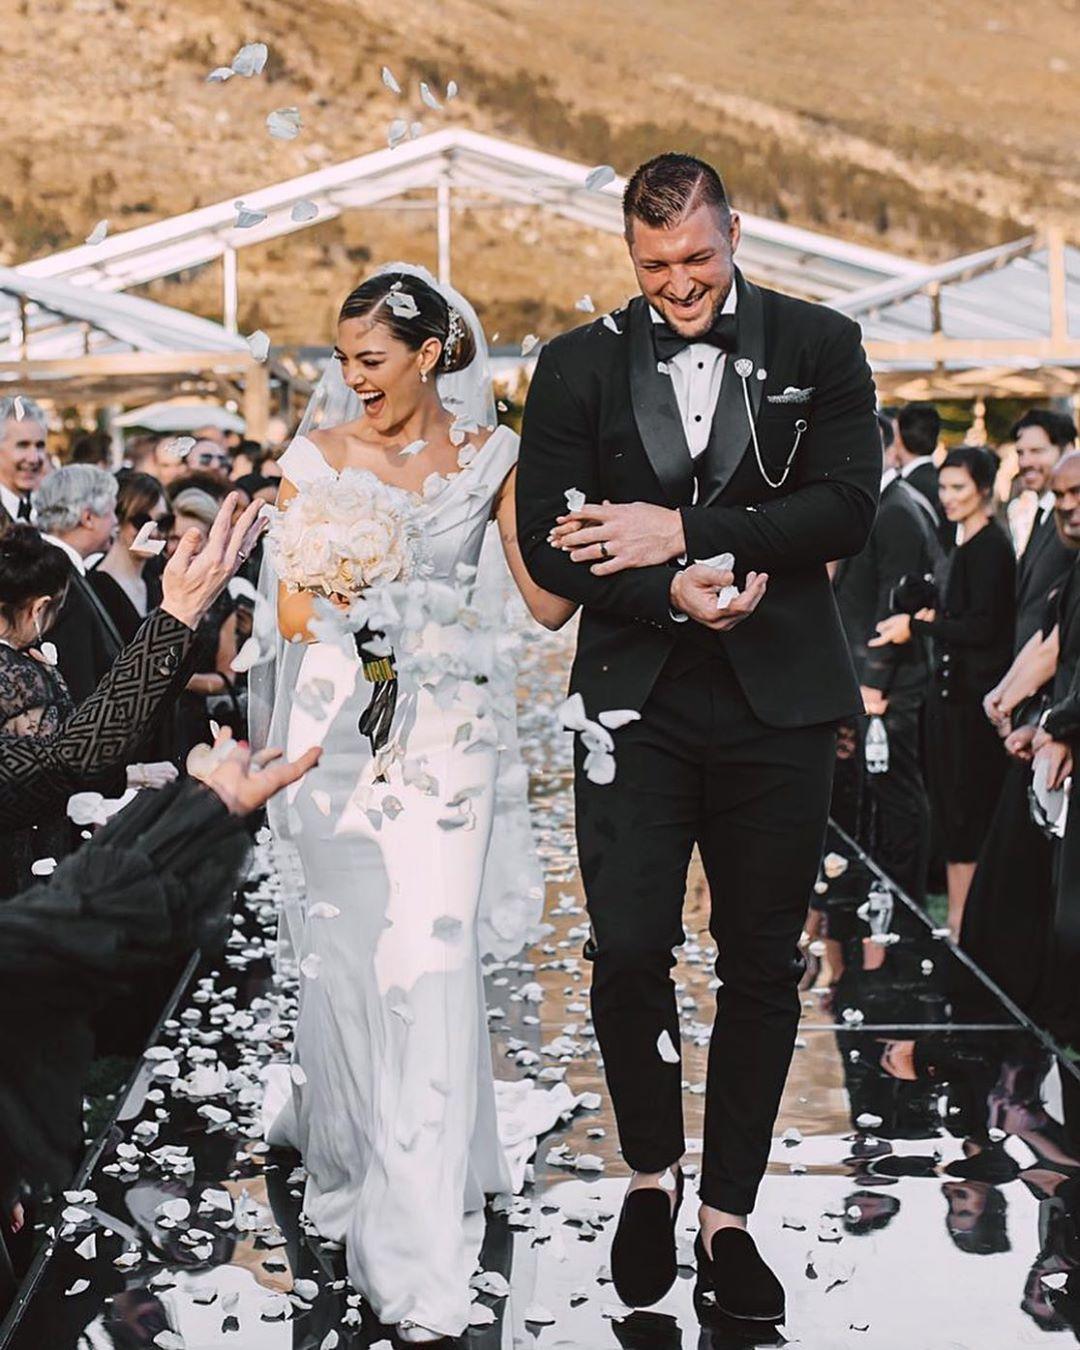 حفل زفاف لاعب بيسبول أمريكى وملكة جمال الكون 2017